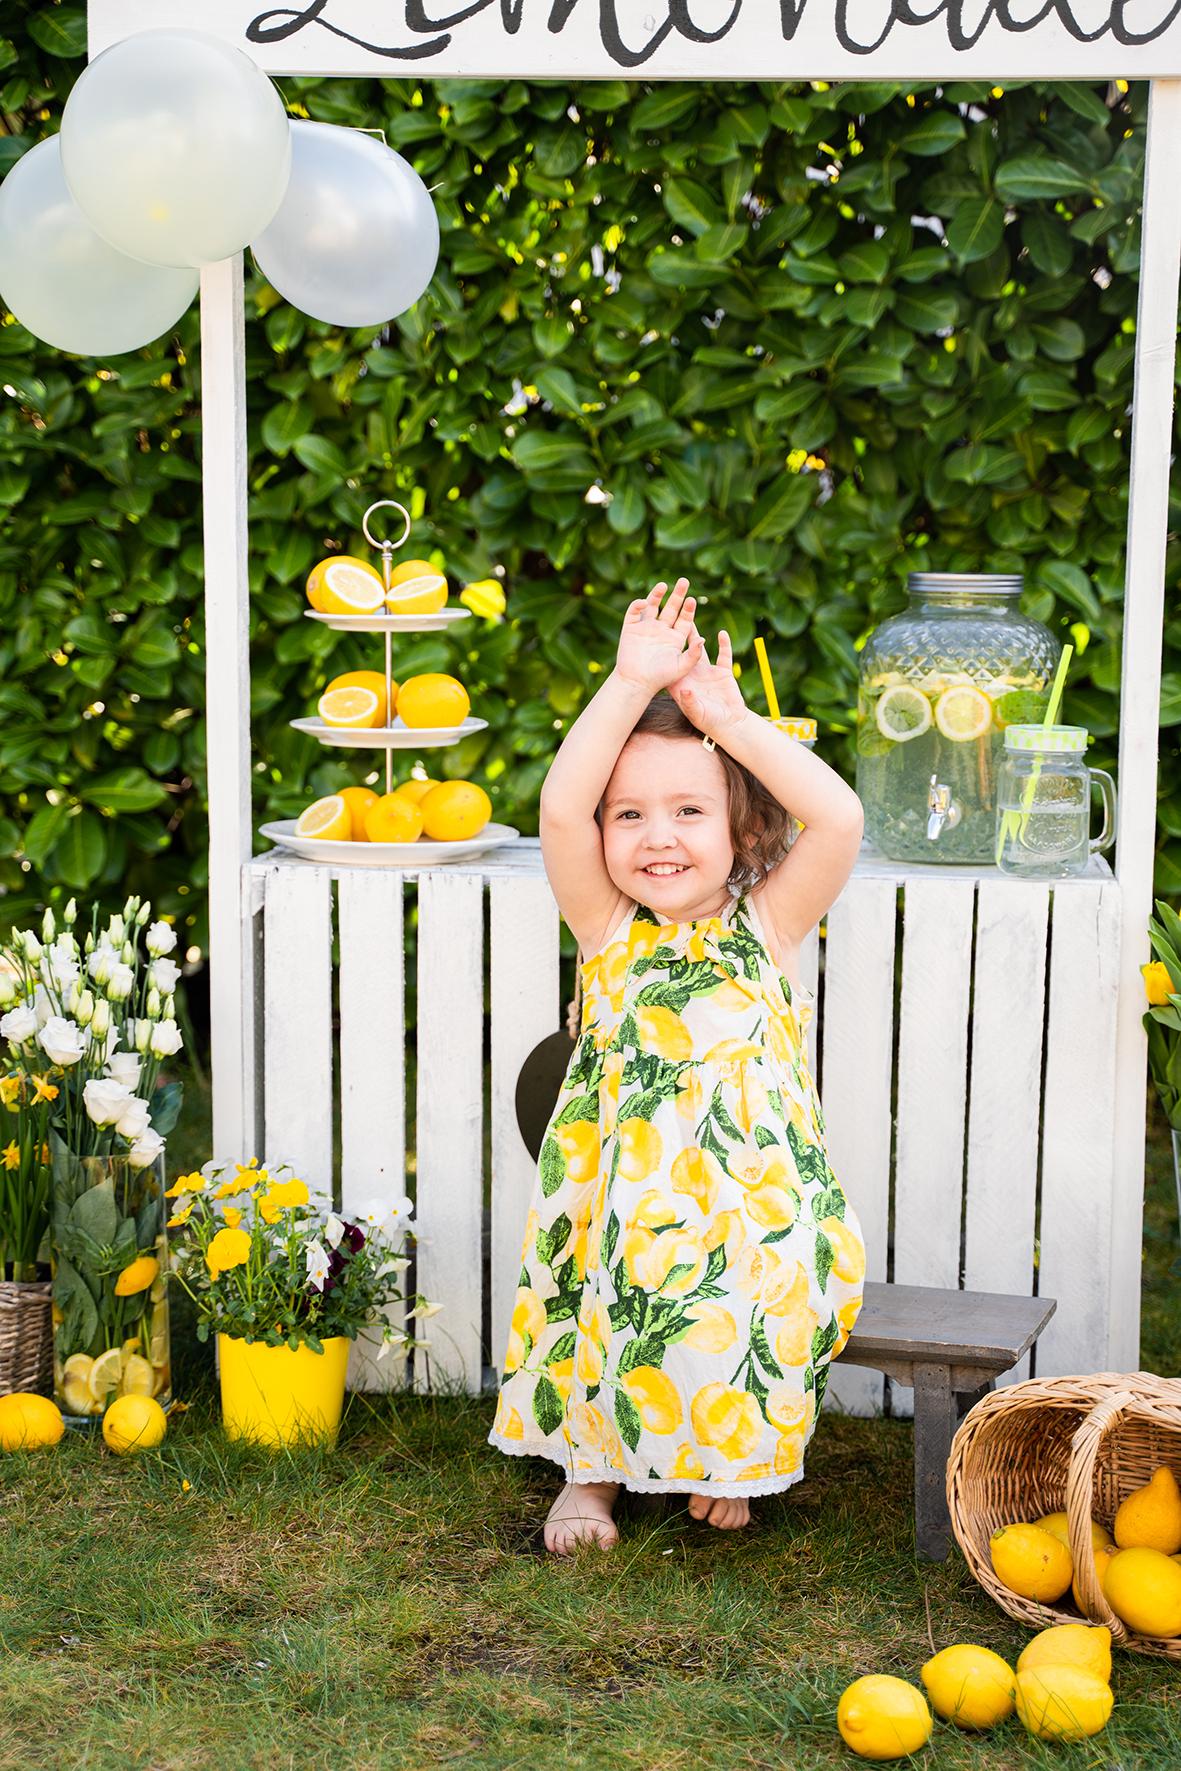 Limonadenshooting in Bremen Fotografin Lilienthal Ottersberg Zitronenshooting